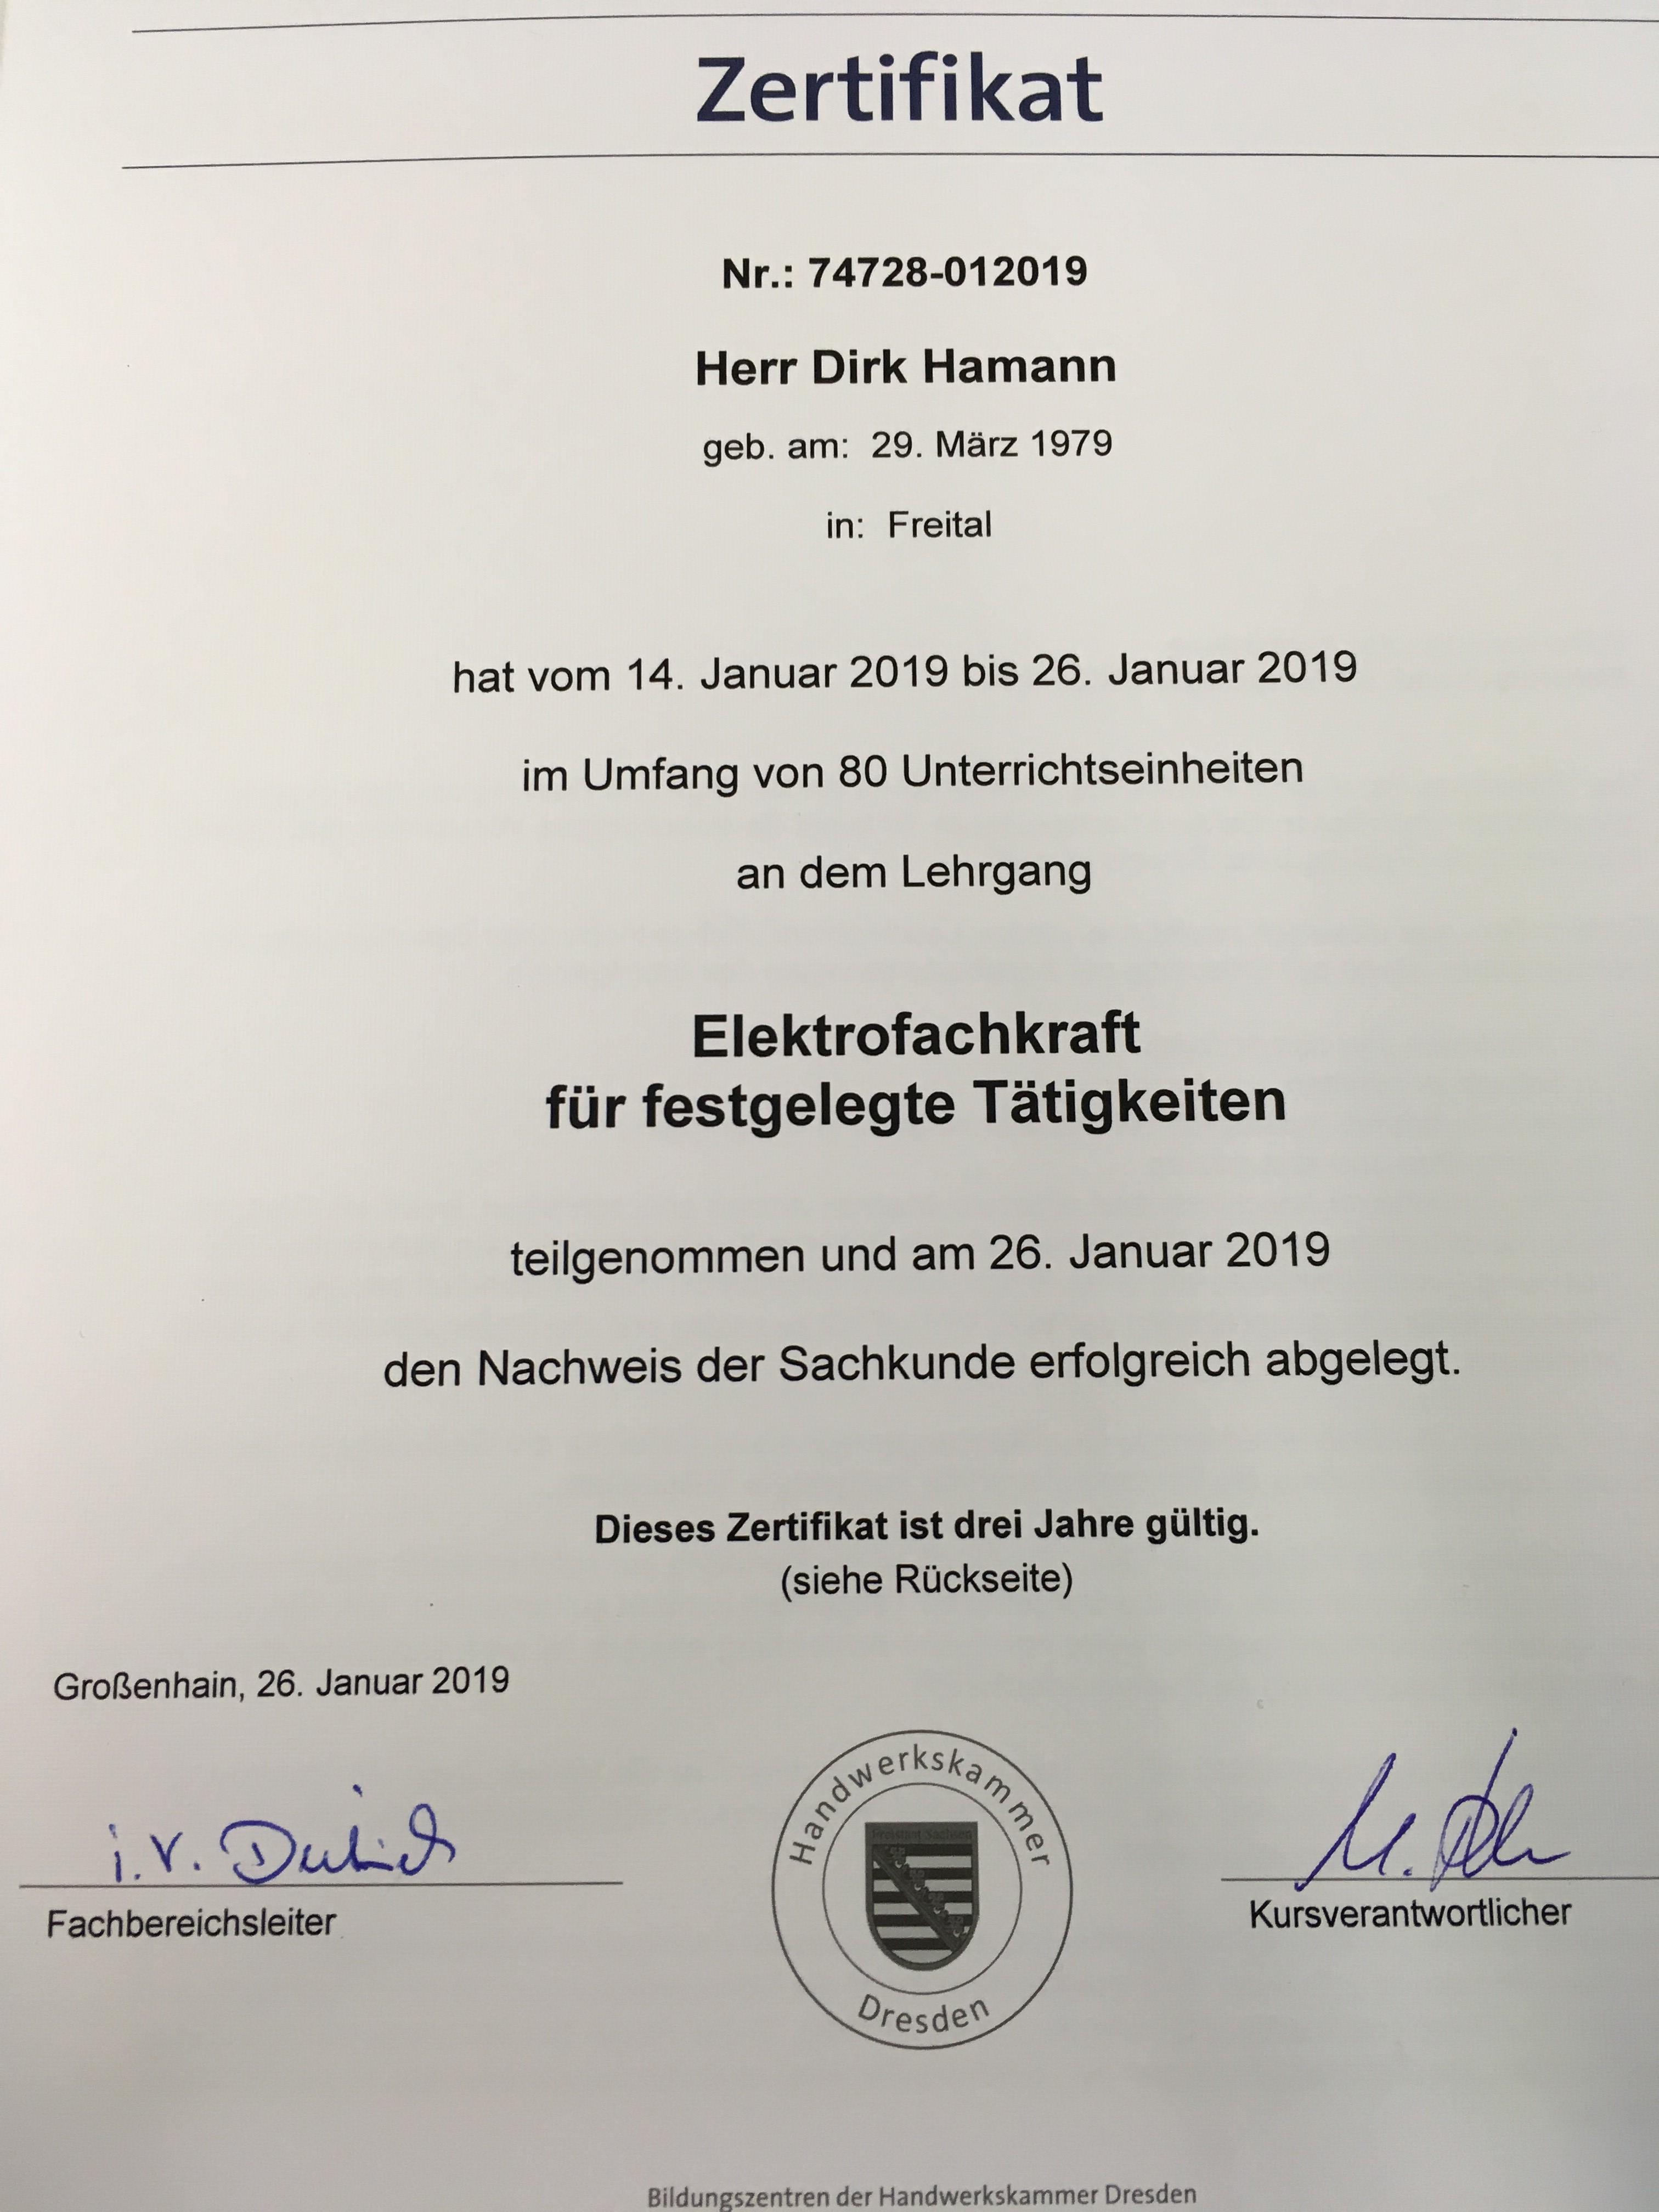 Zertifikat von Herrn Dirk Hamann als Elektrofachkraft